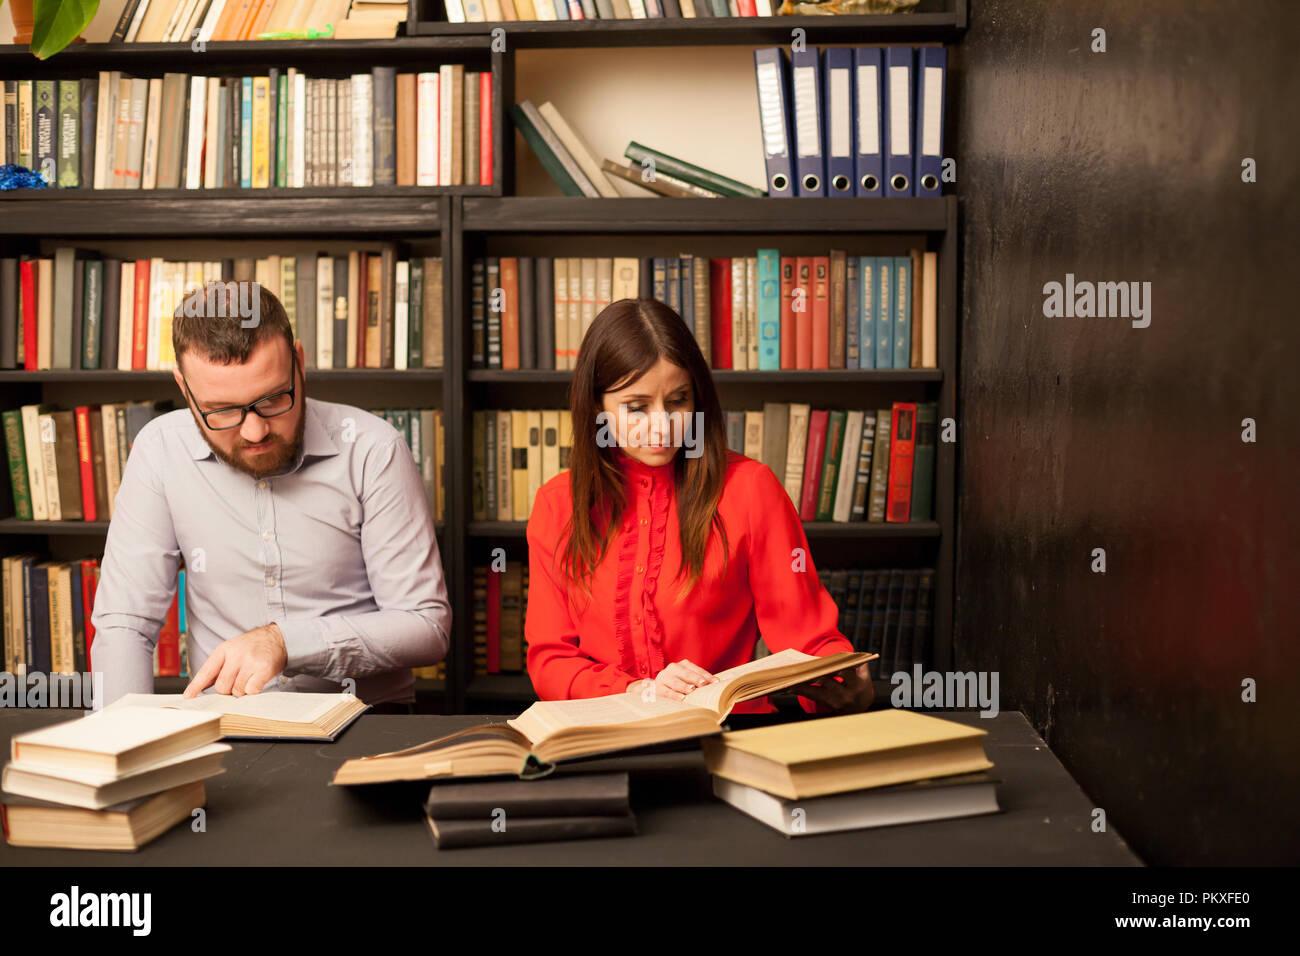 Un homme et une femme de lire des livres de la bibliothèque sont de se préparer pour l'examen 1 Photo Stock